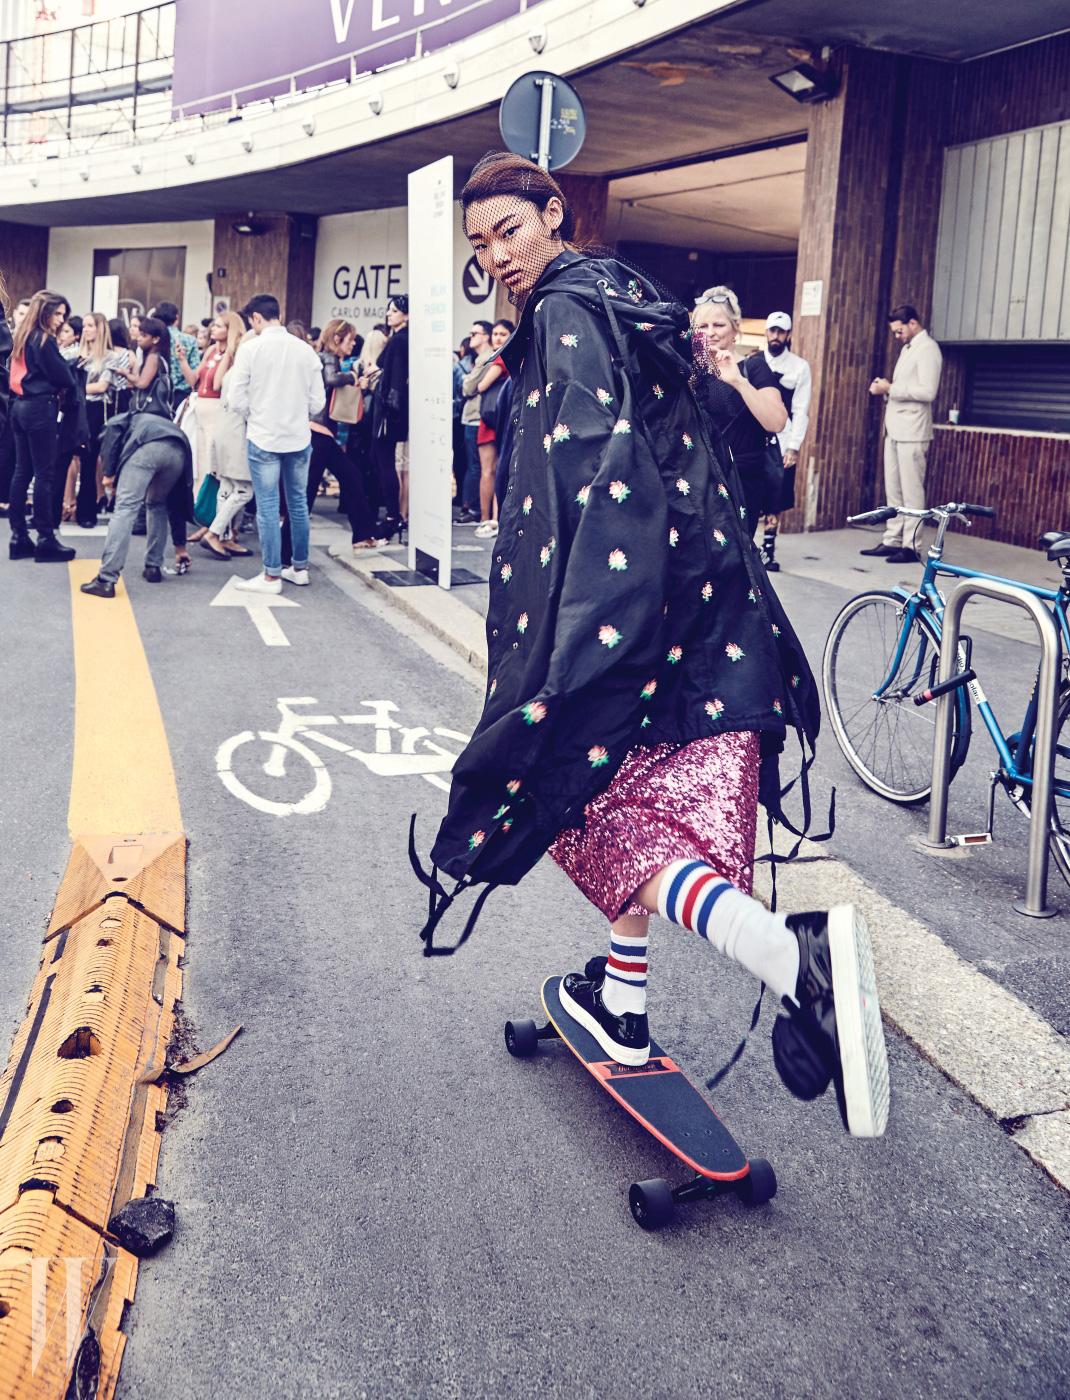 재킷은 Ports 1961, 시퀸 드레스는 Fleamadonna, 꽃 장식 슬립온은 Roger Vivier 제품.